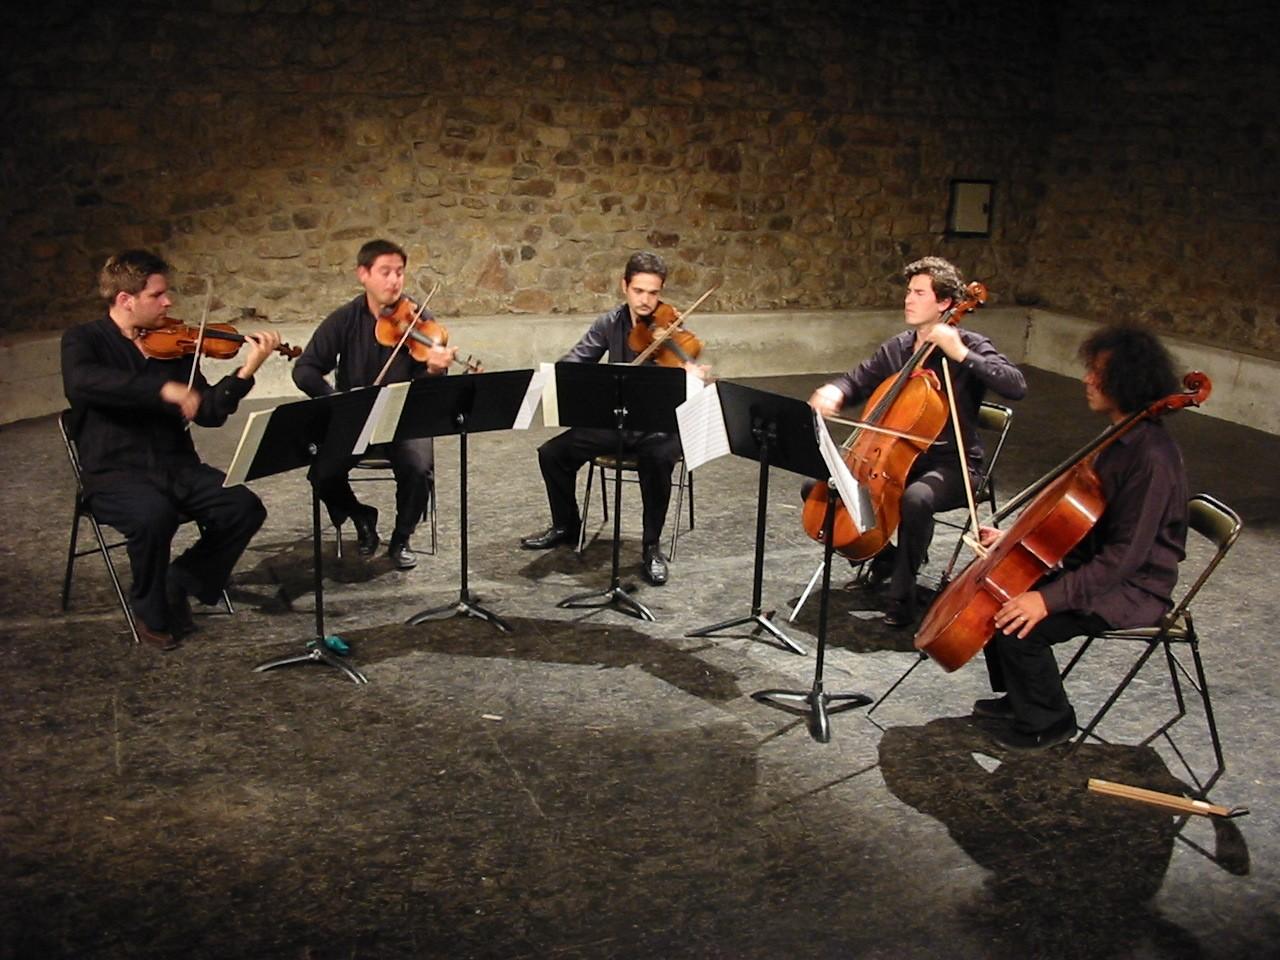 2005 - Premier concert